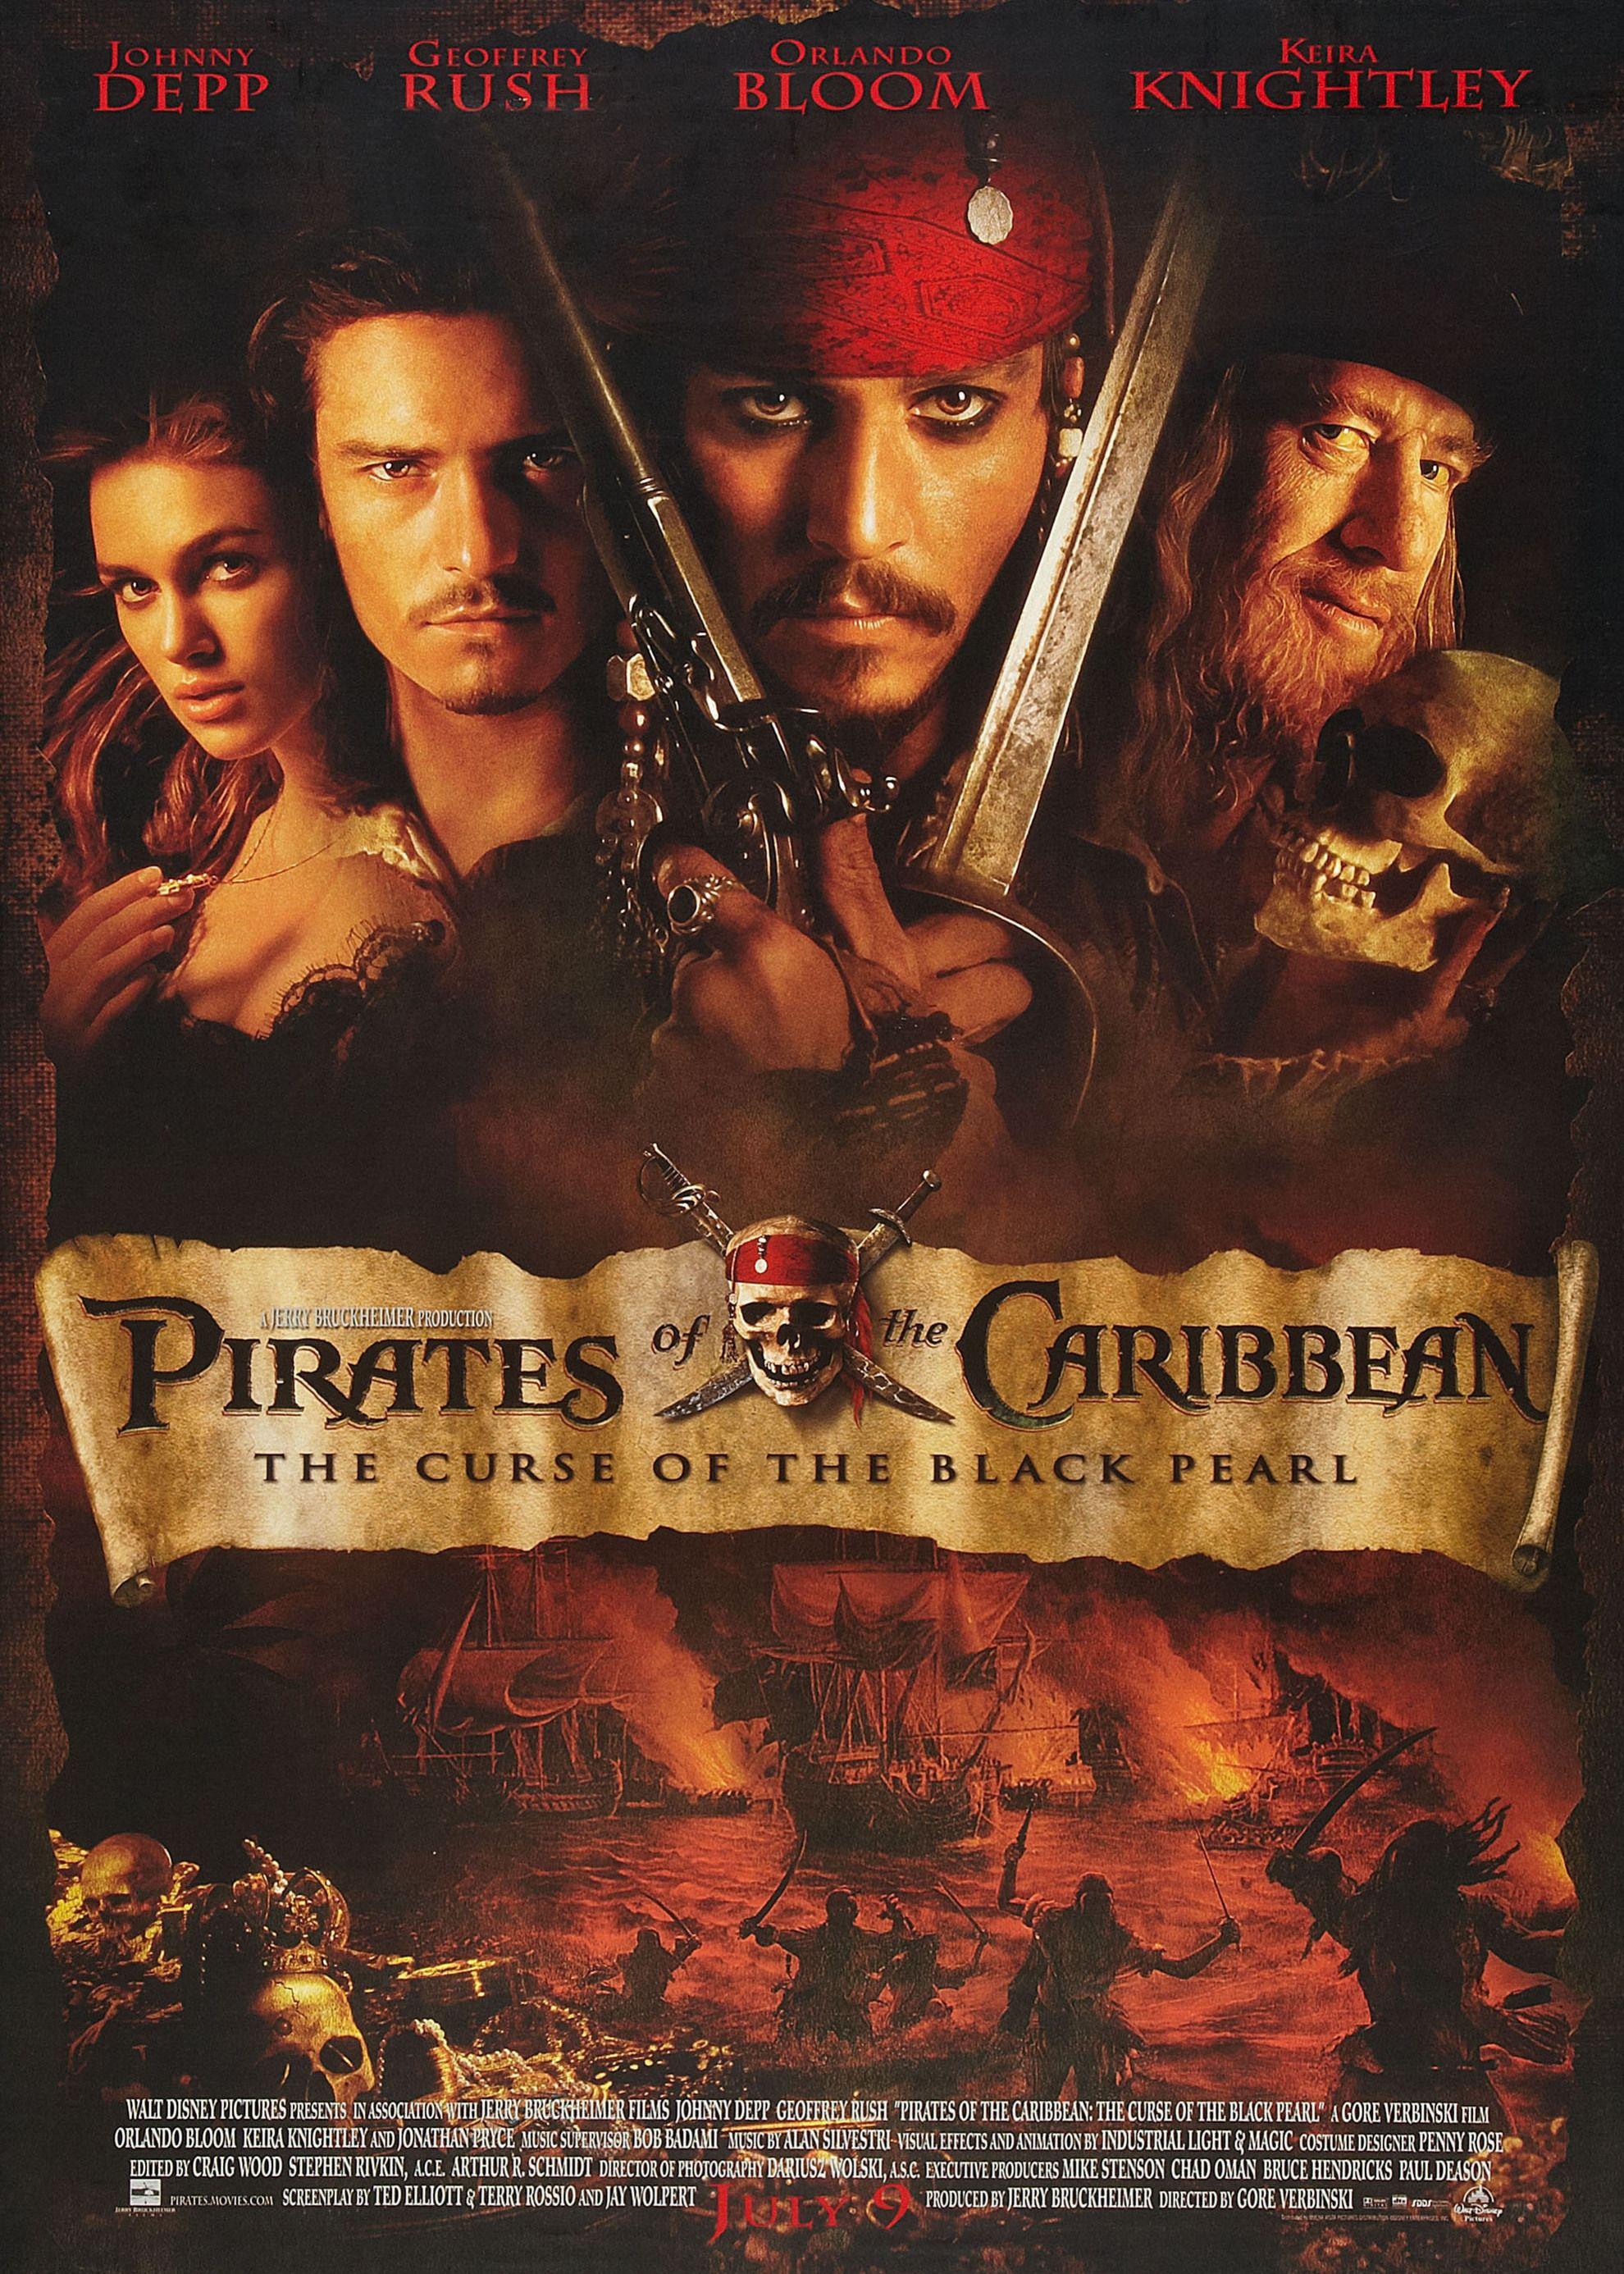 Pin De Sirend Em Movies Com Imagens Filmes De Johnny Depp